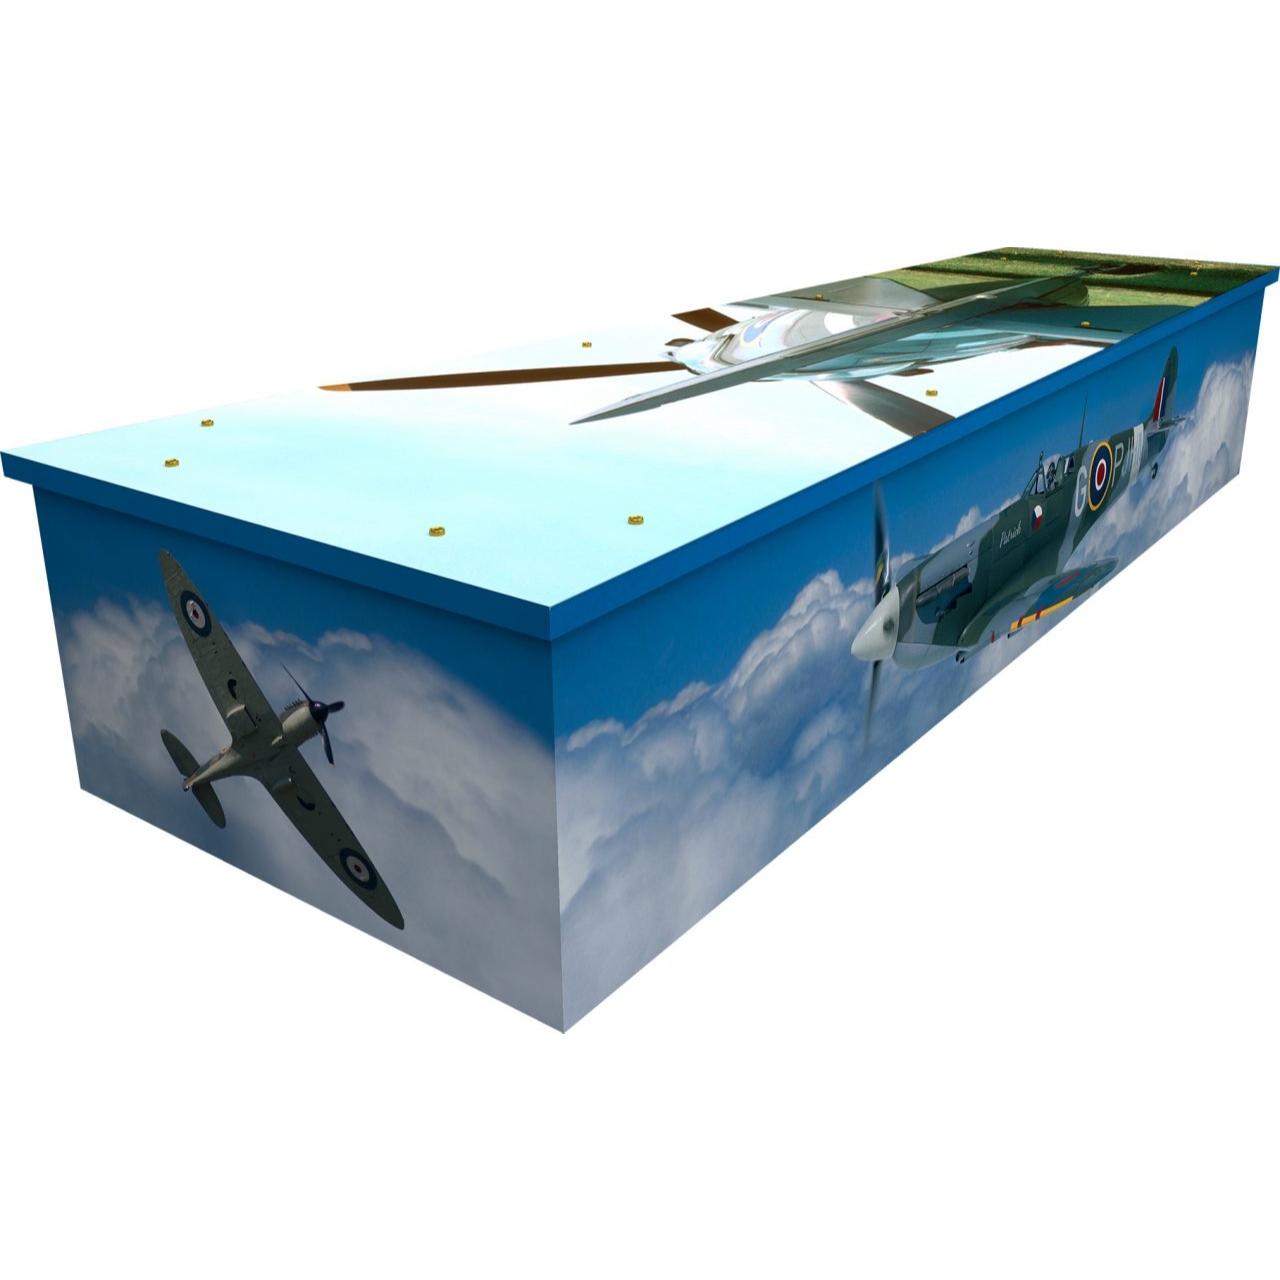 Spitfire Cardboard Coffin